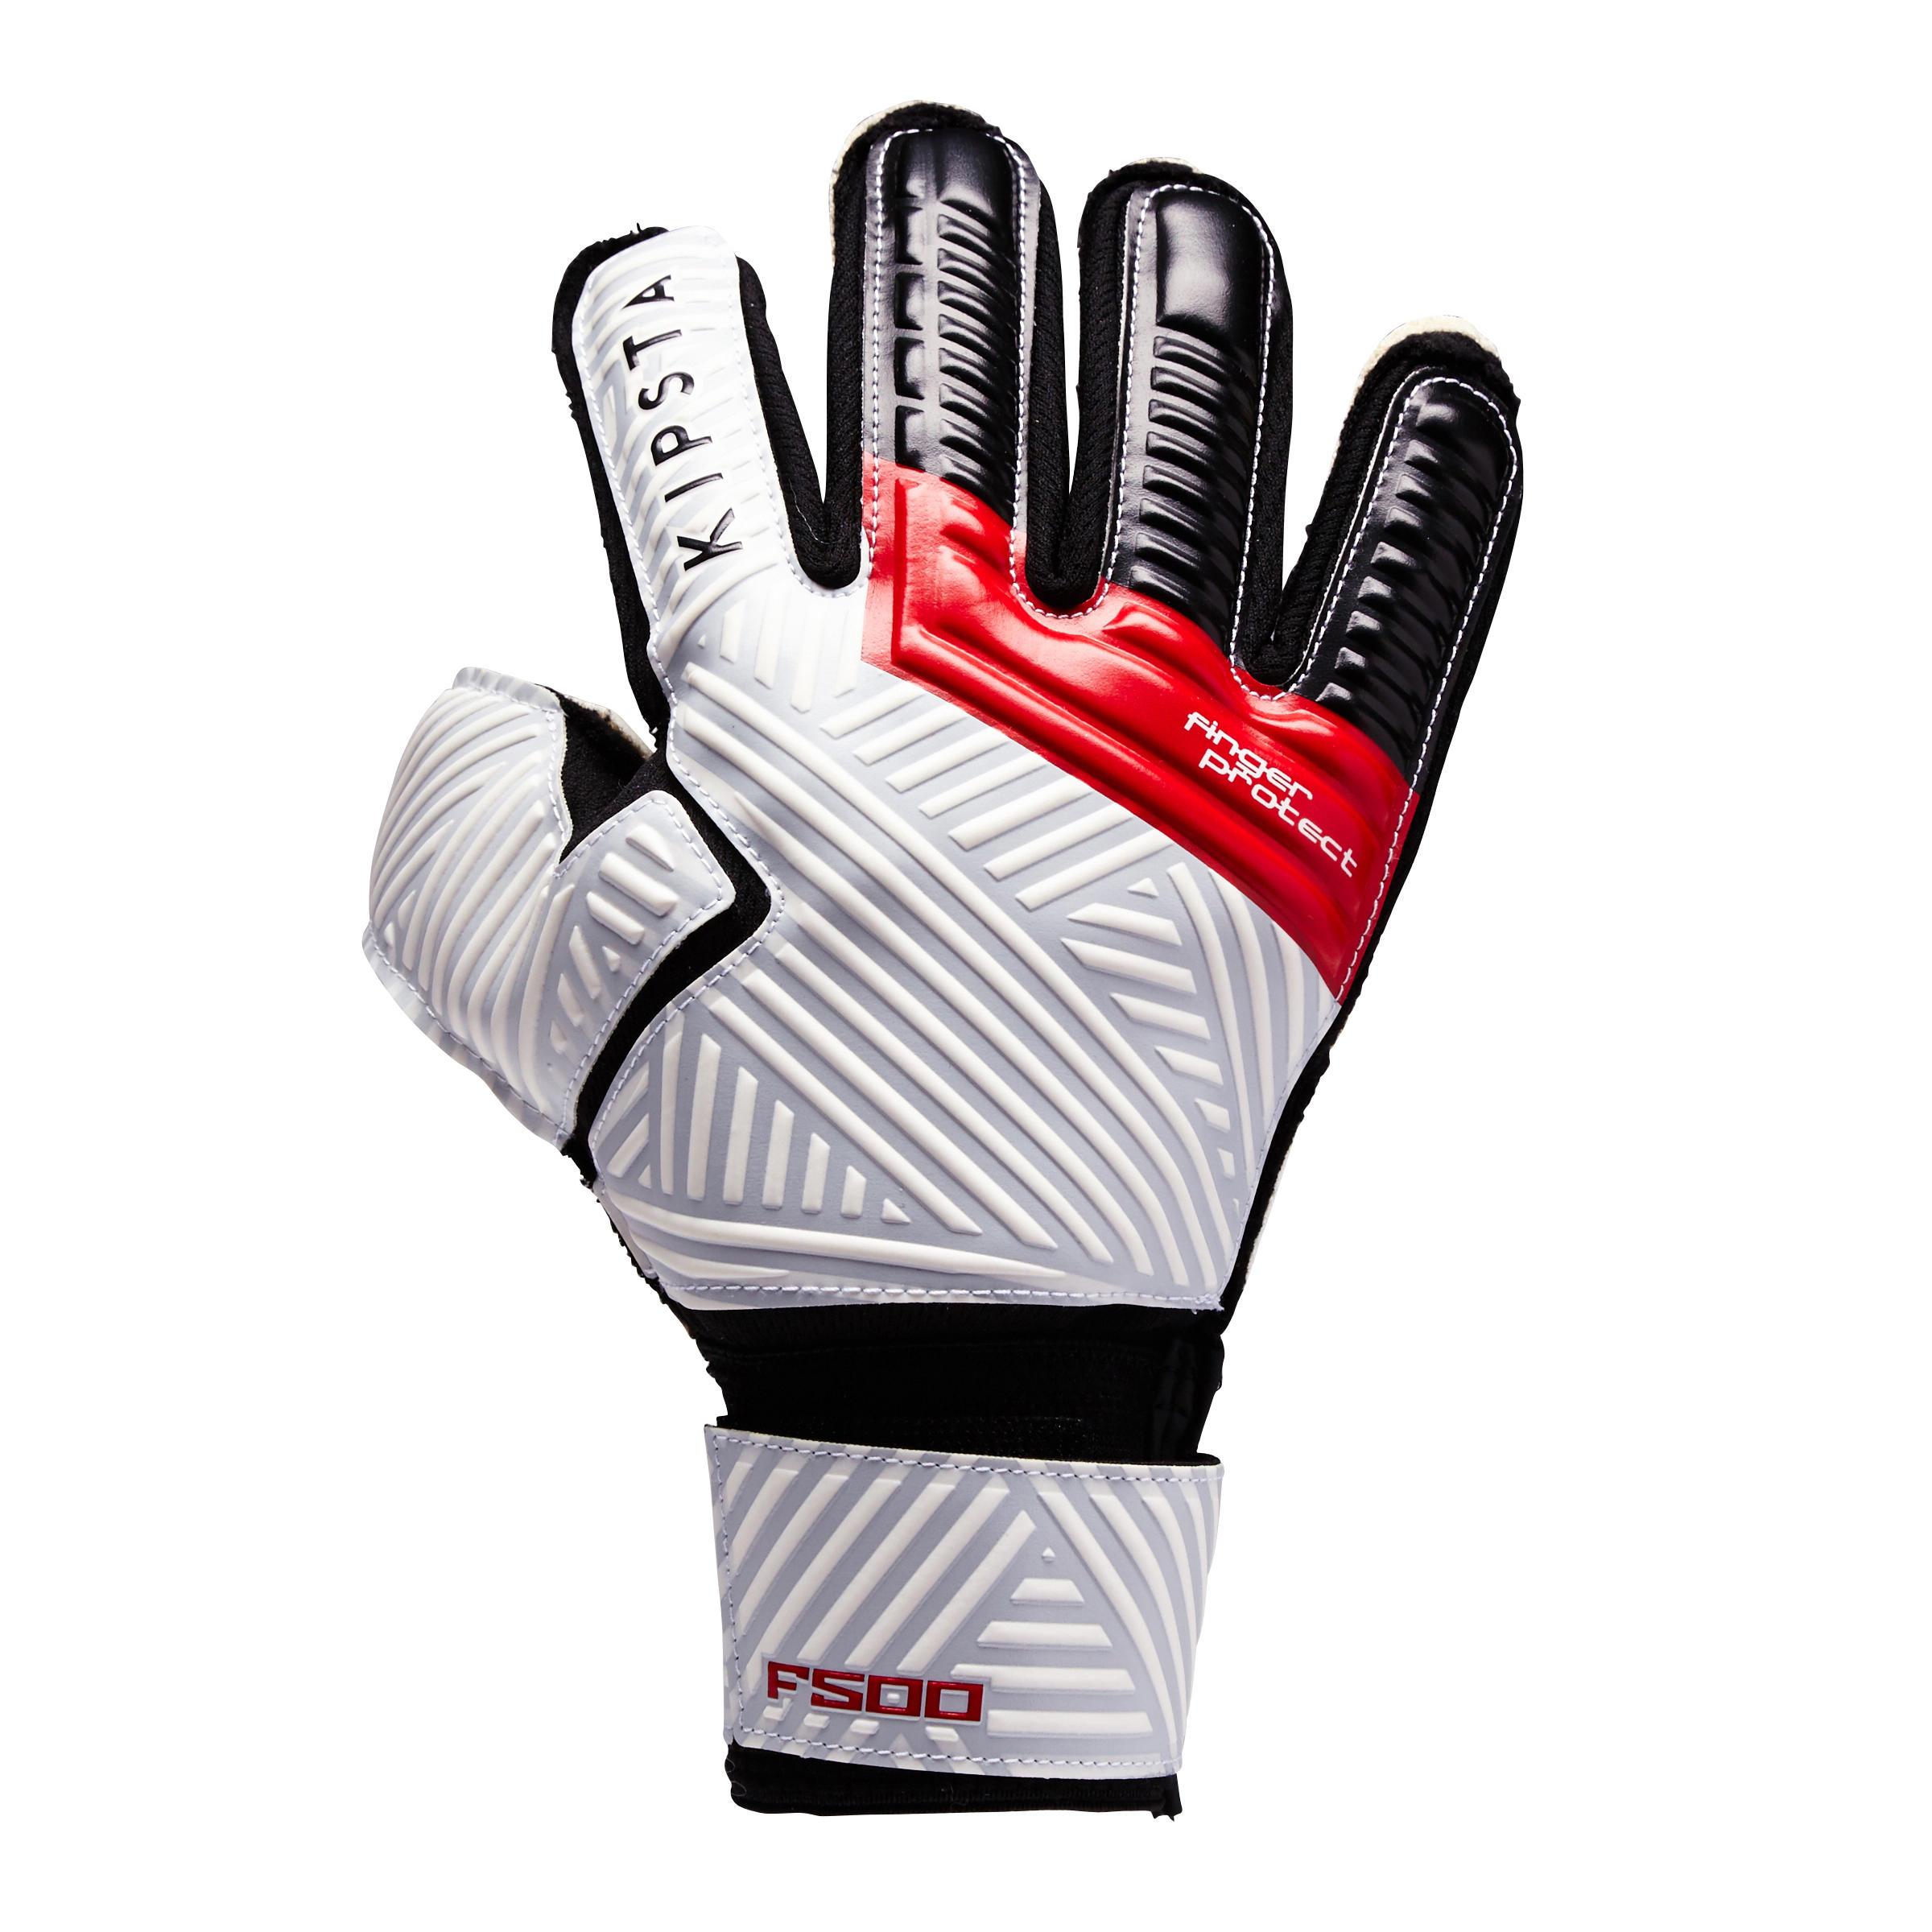 Keepershandschoenen F500 Protect voor kinderen rood-wit-lichtgrijs